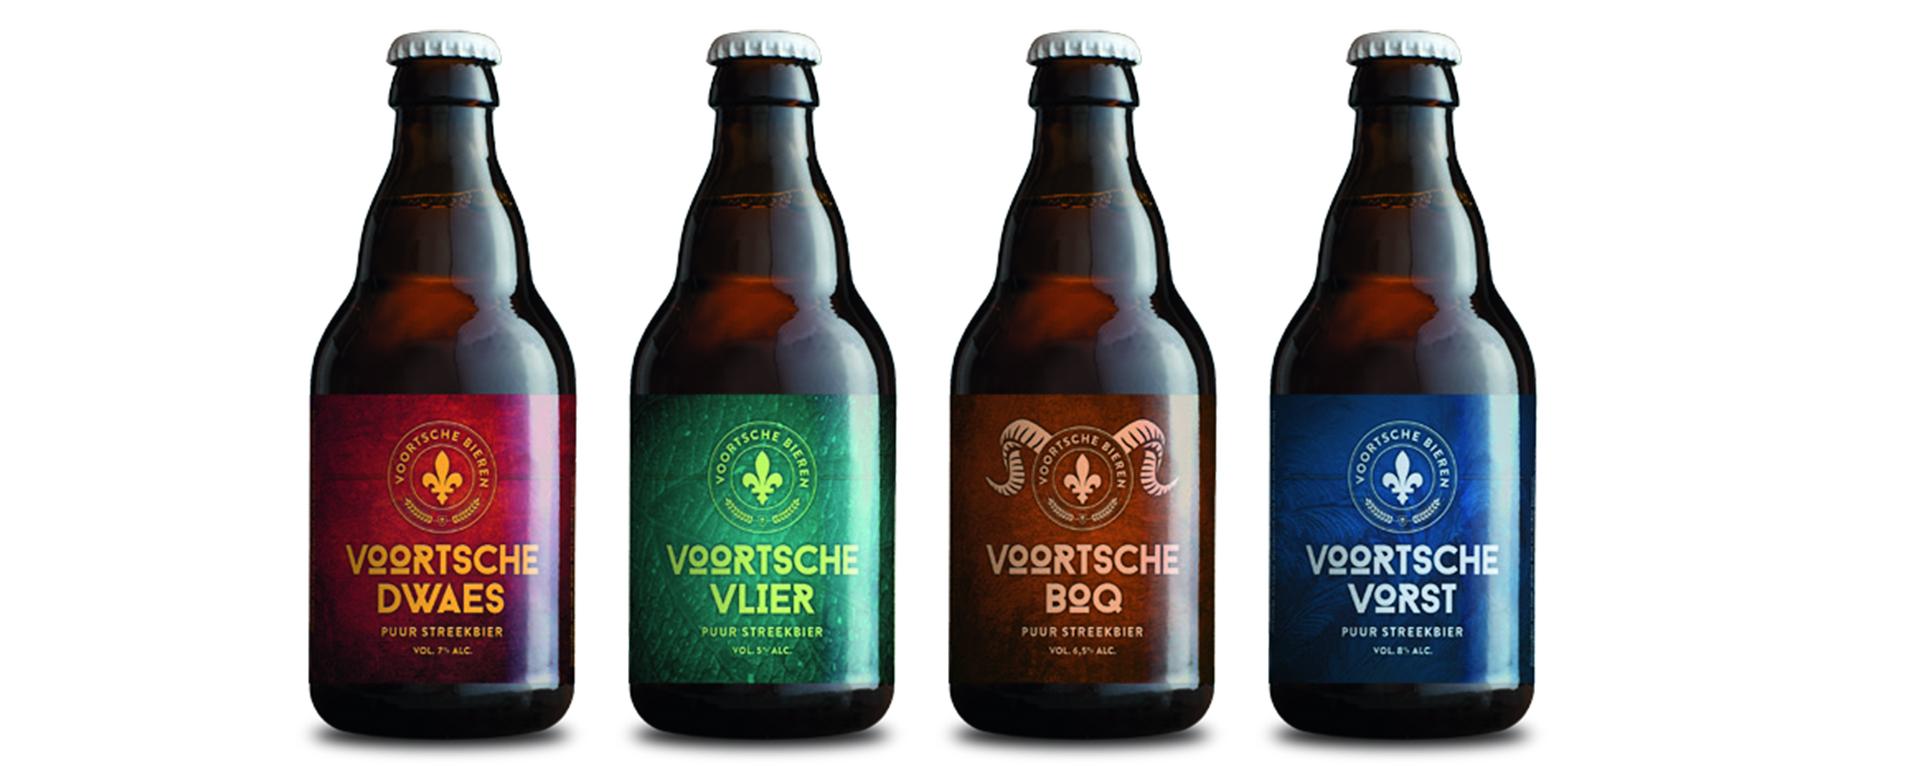 pils-bier-brouwerij-nederland-streekbier-voorthuizen-voortsche-foto-02